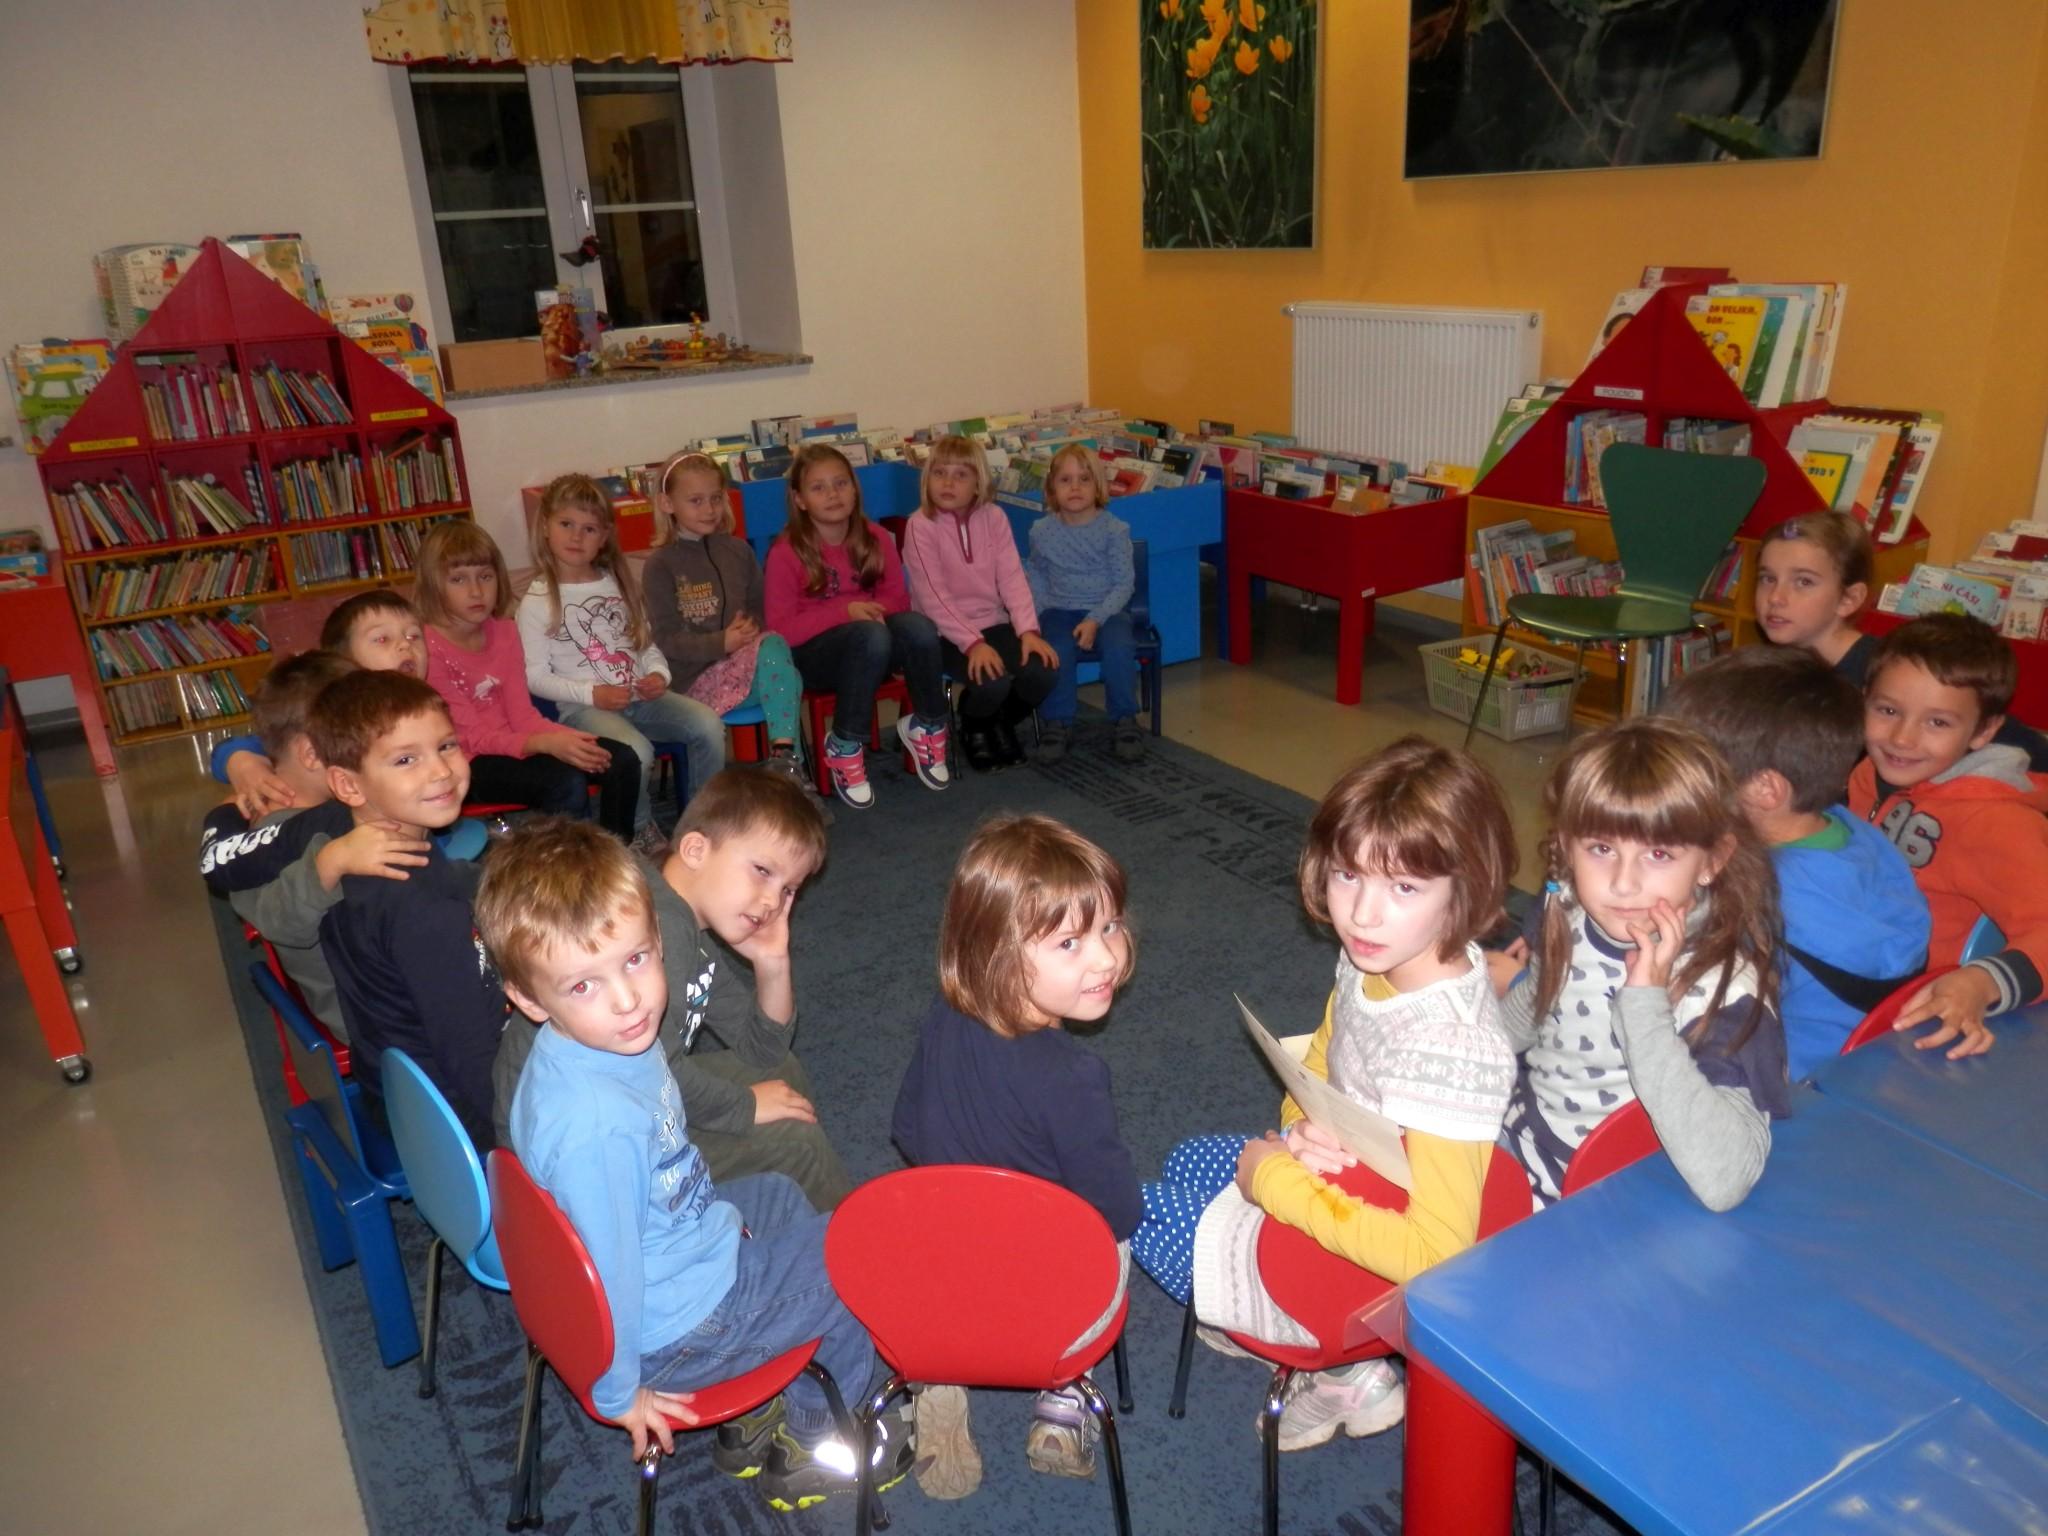 PB040015 - Pravljični listopad - pravljična urica z ustvarjalno delavnico za otroke od 4. leta dalje